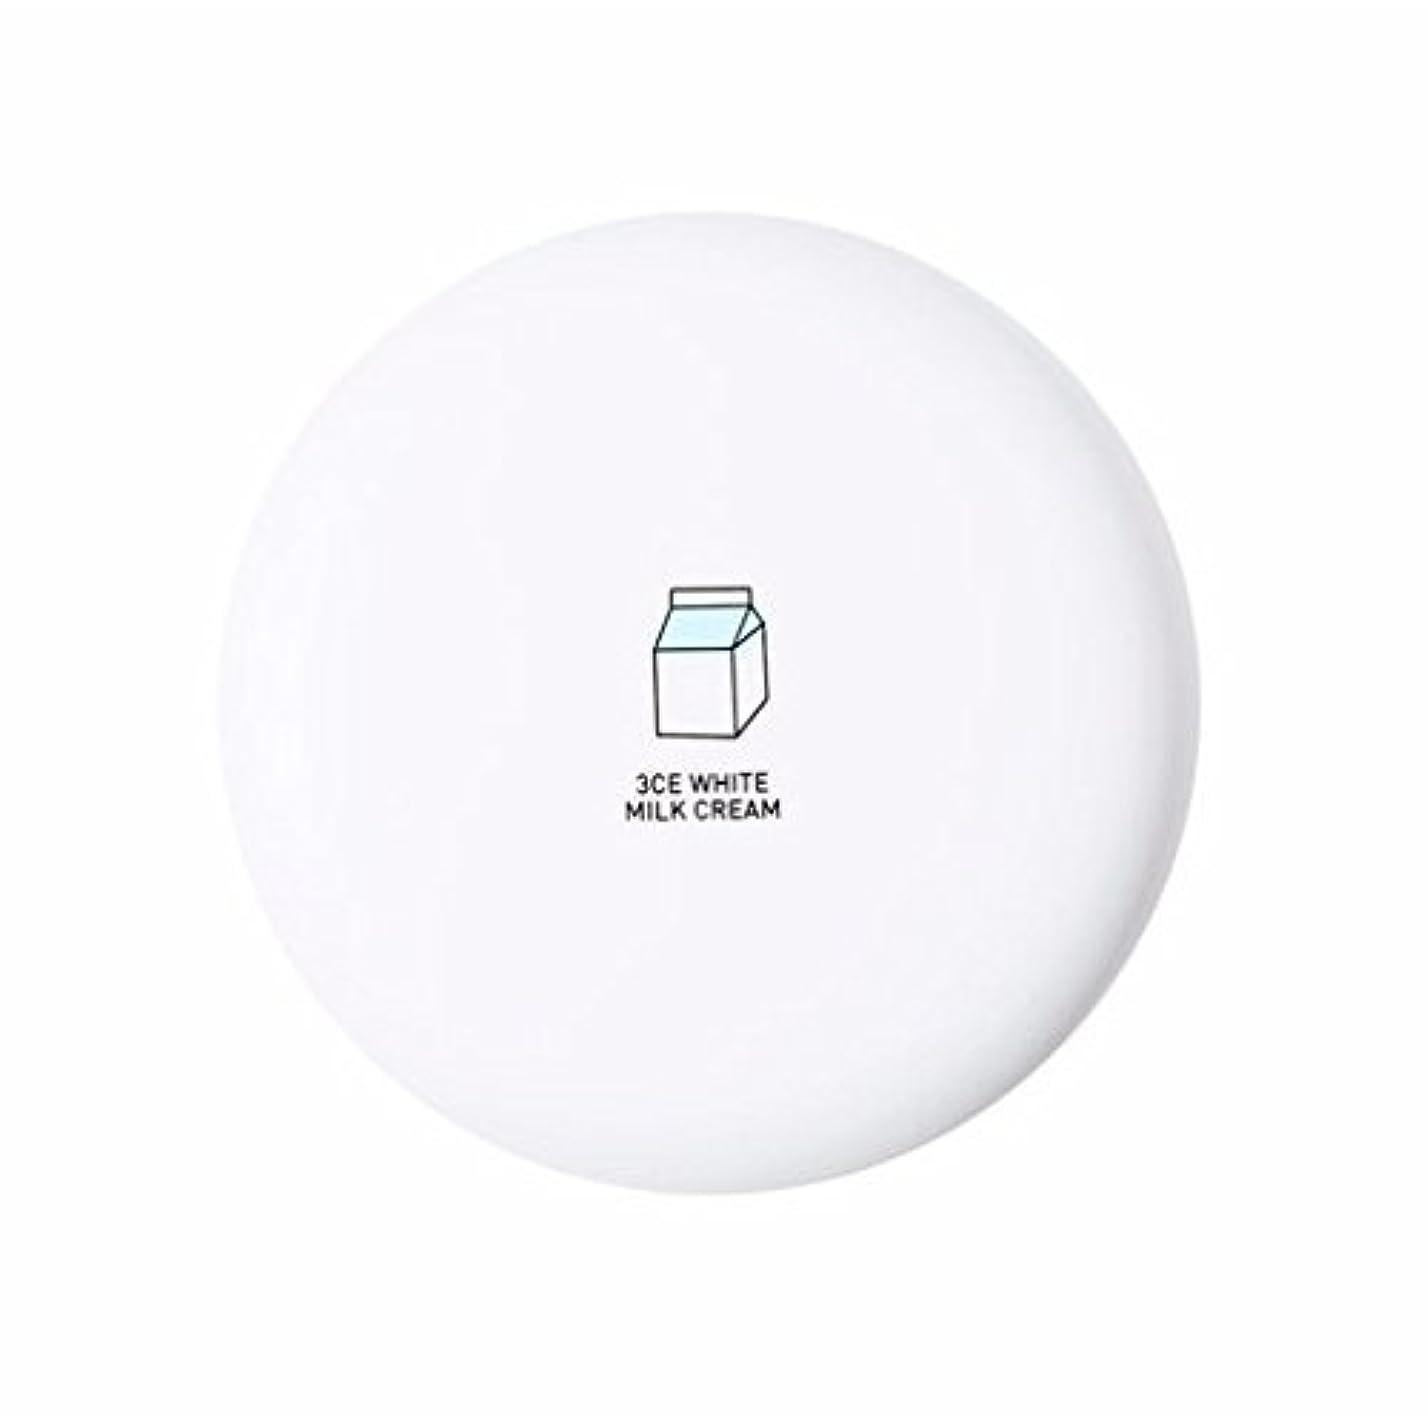 処分した加速度億スタイルナンダ  3CEホワイトミルククリーム 50ml [並行輸入品] / Style Nanda 3CE White Milk Cream 50ml (1.69fl.oz.)